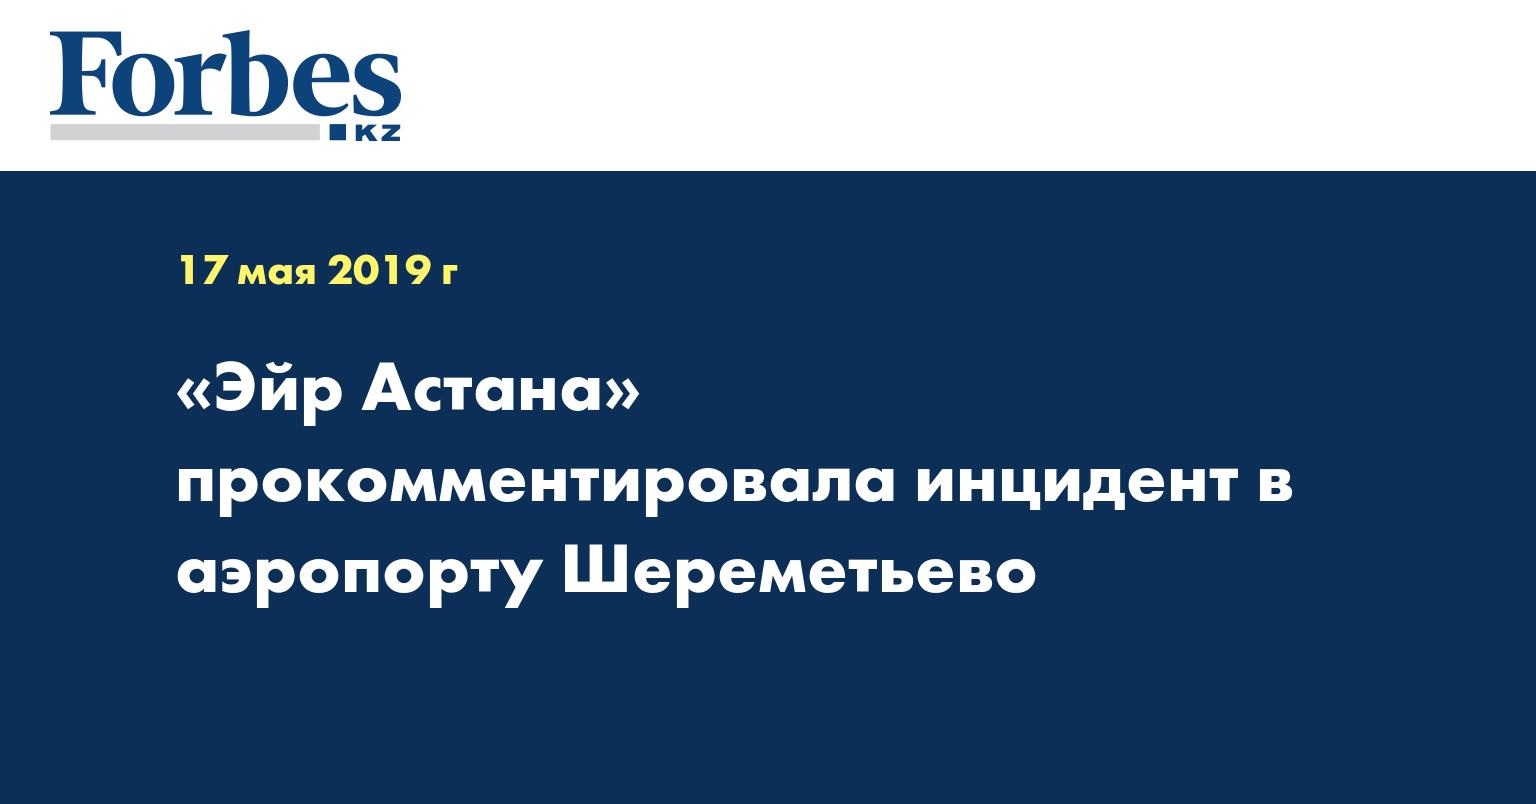 «Эйр Астана» прокомментировала инцидент в аэропорту Шереметьево